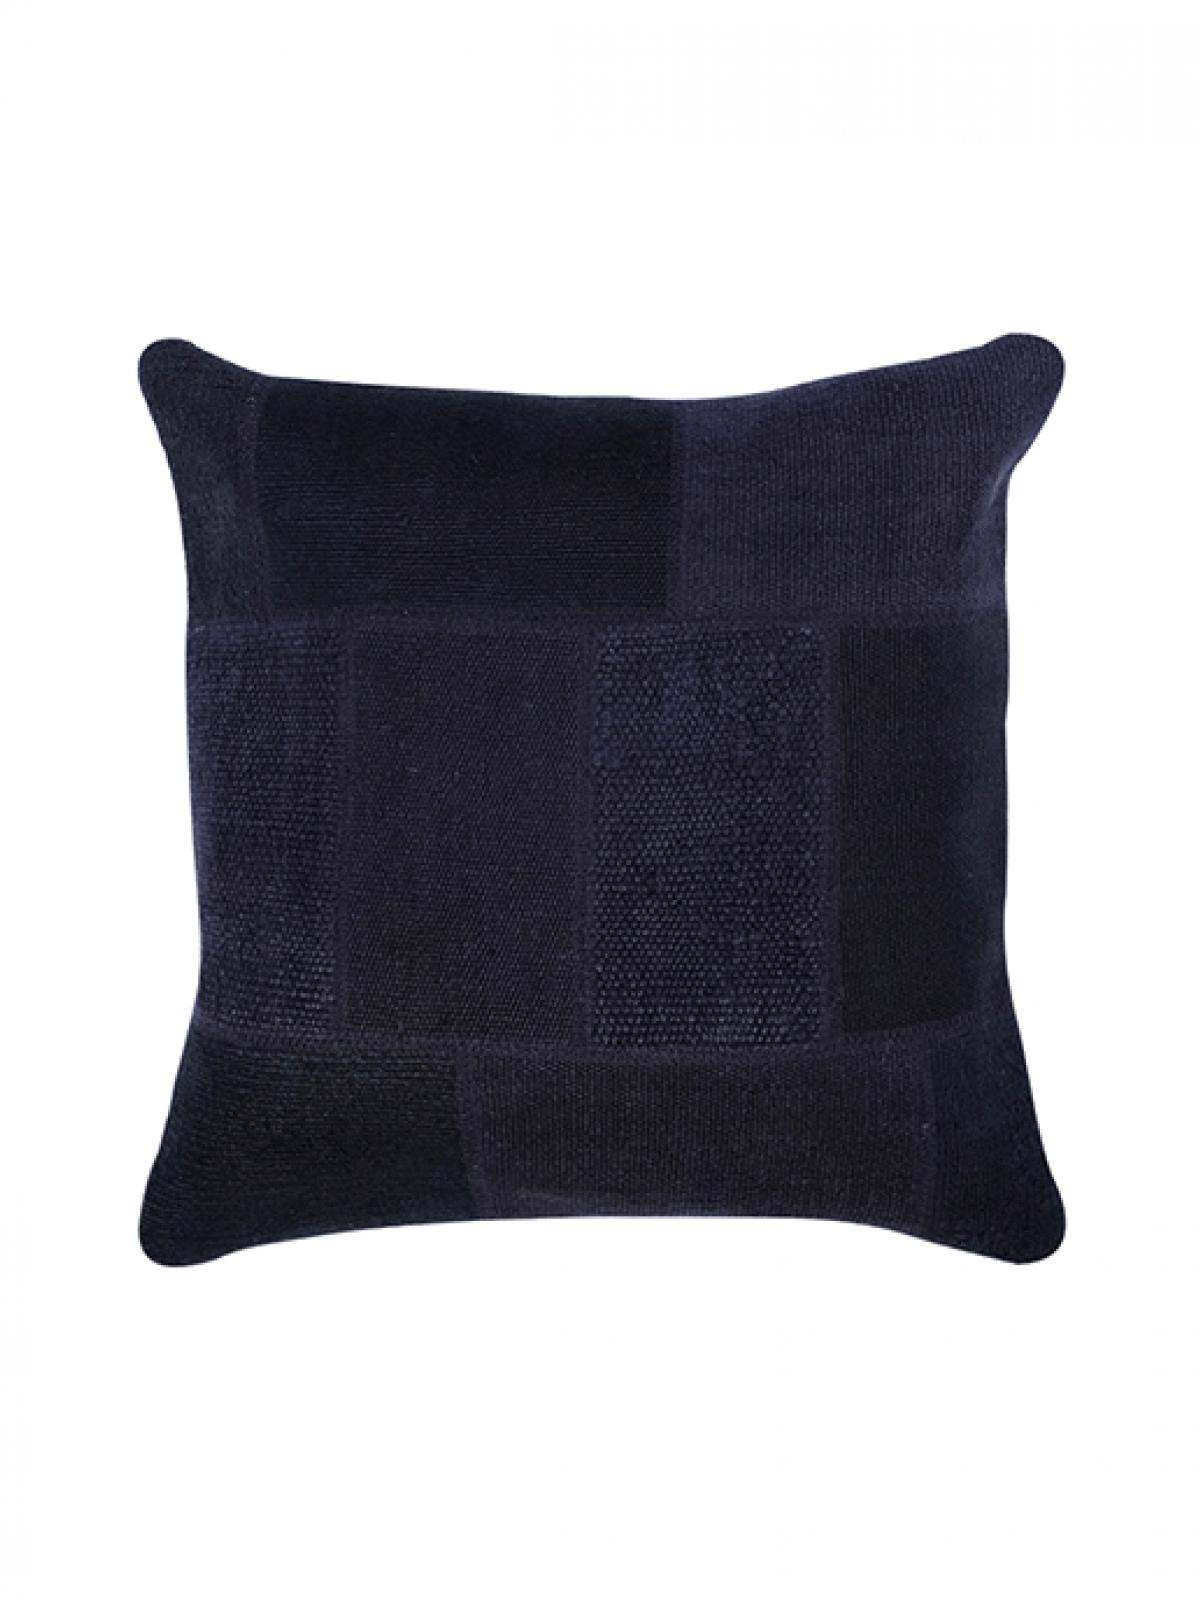 hemp-cushion-black-1200x1600h